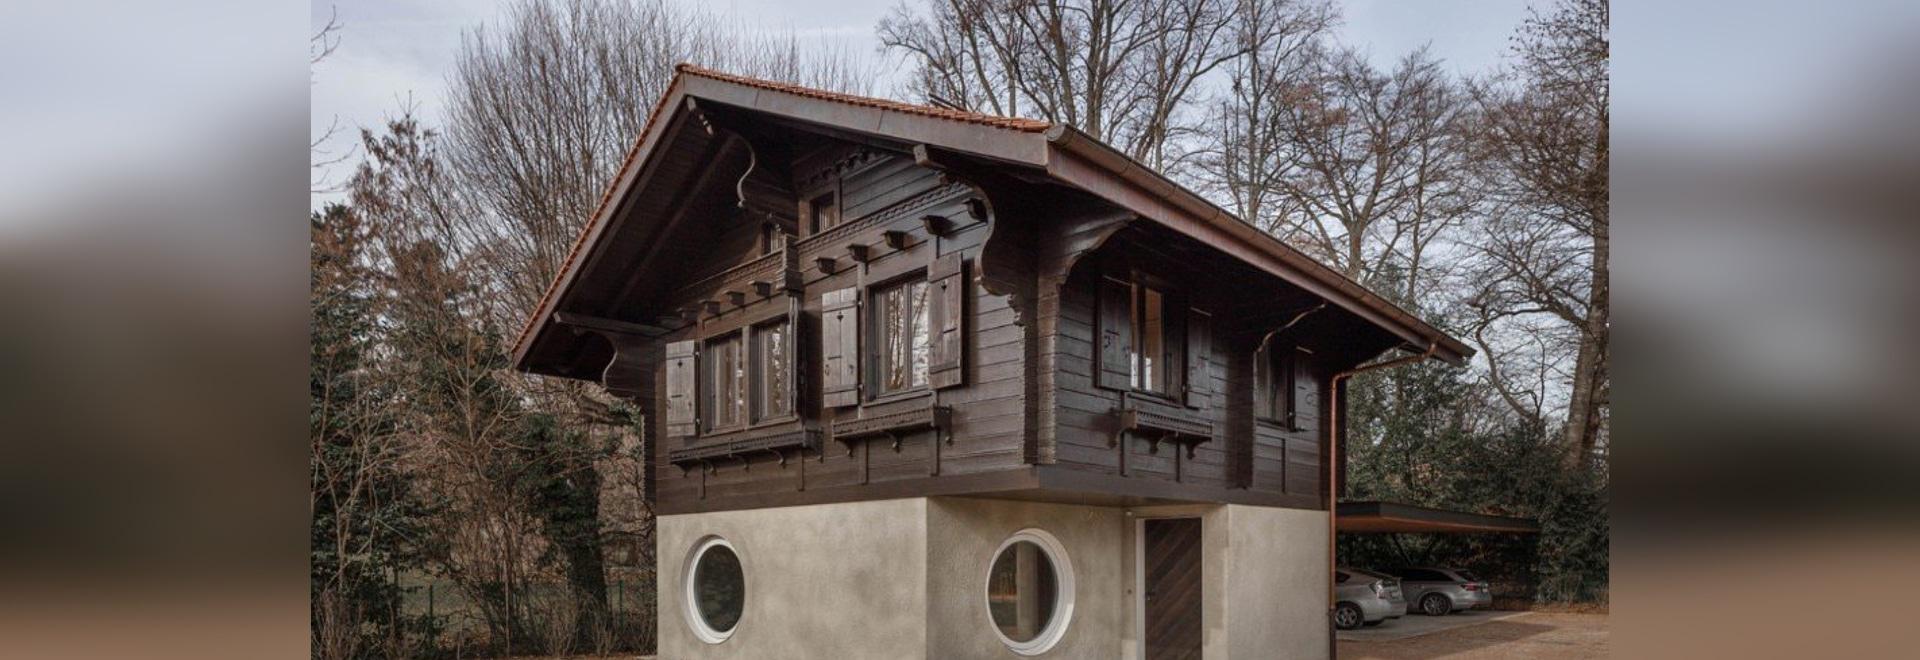 """La maison de M. Barrett. Une maison """"cousue"""" et conçue de l'intérieur"""